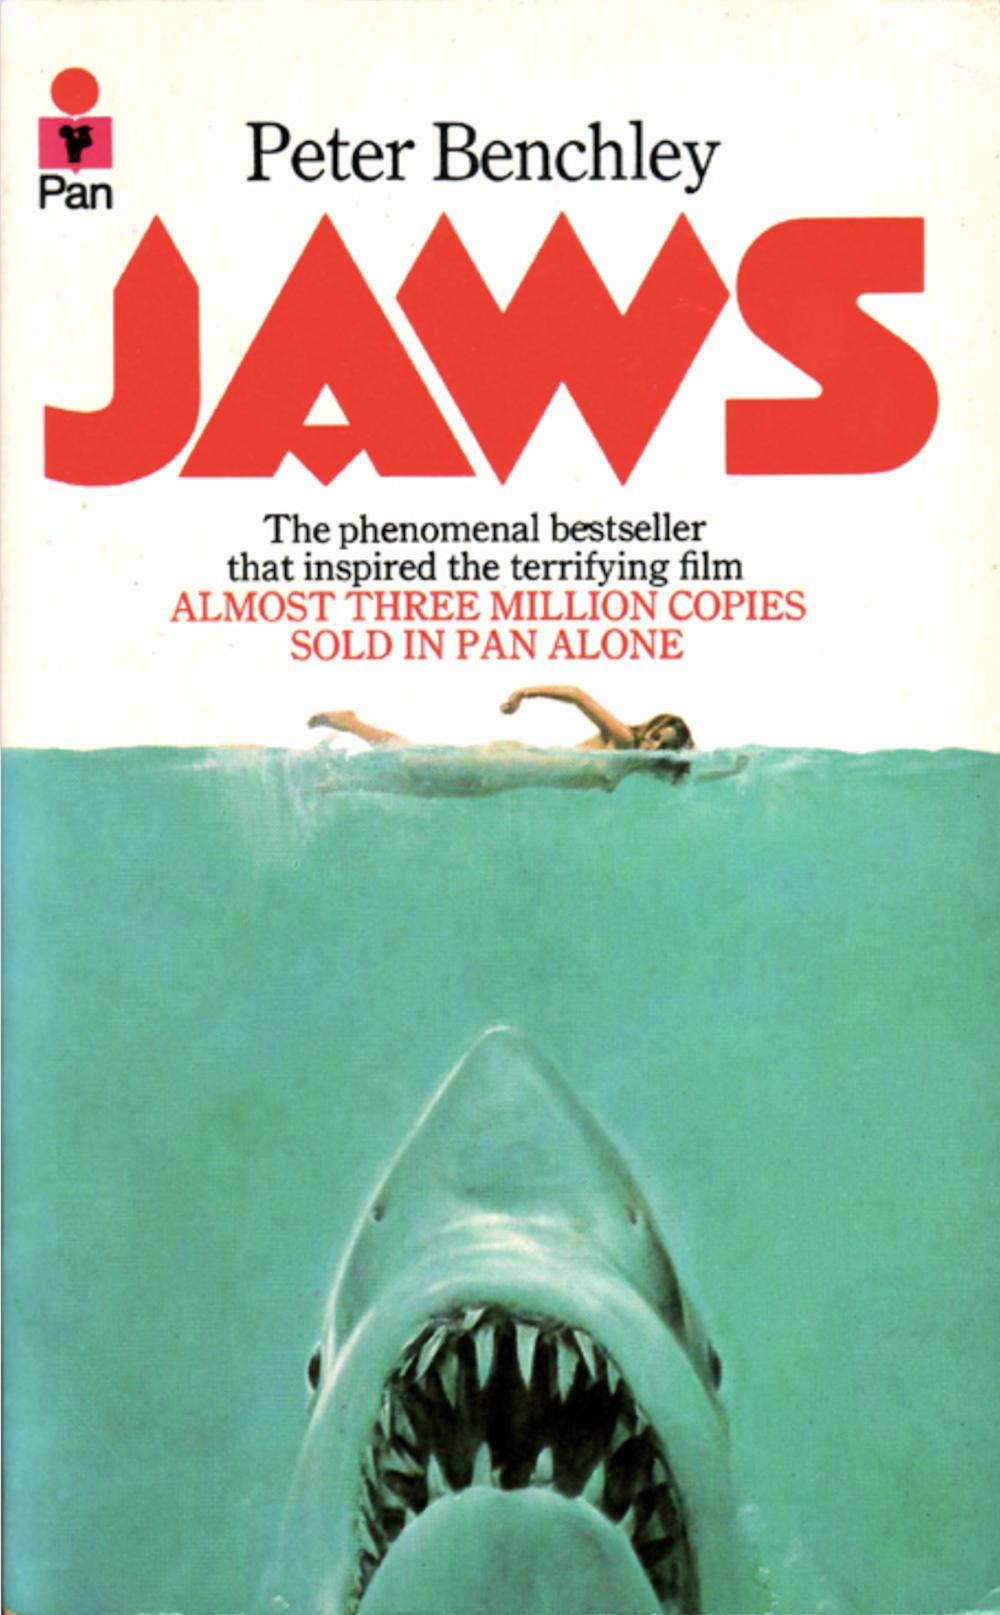 si-vous-aimez-les-dents-de-la-mer-vous-allez-adorer-ces-posters